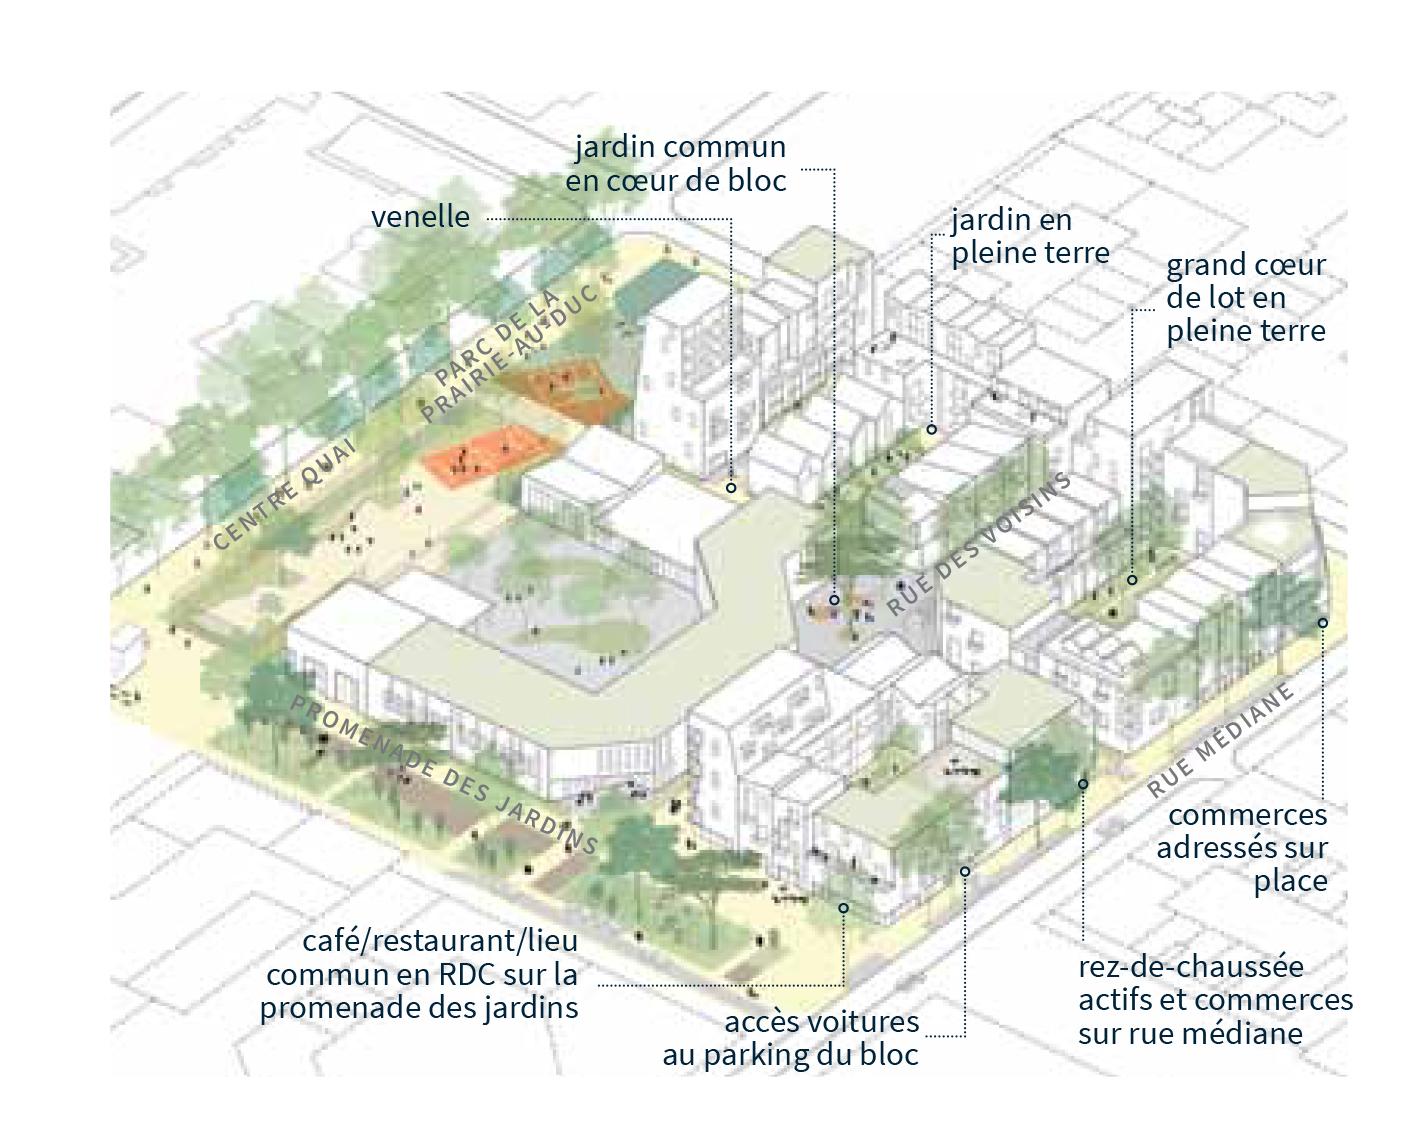 TransformationsMagazine26 Avril2021 10 - Magazine Transformation(s) - Plan du nouveau quartier République